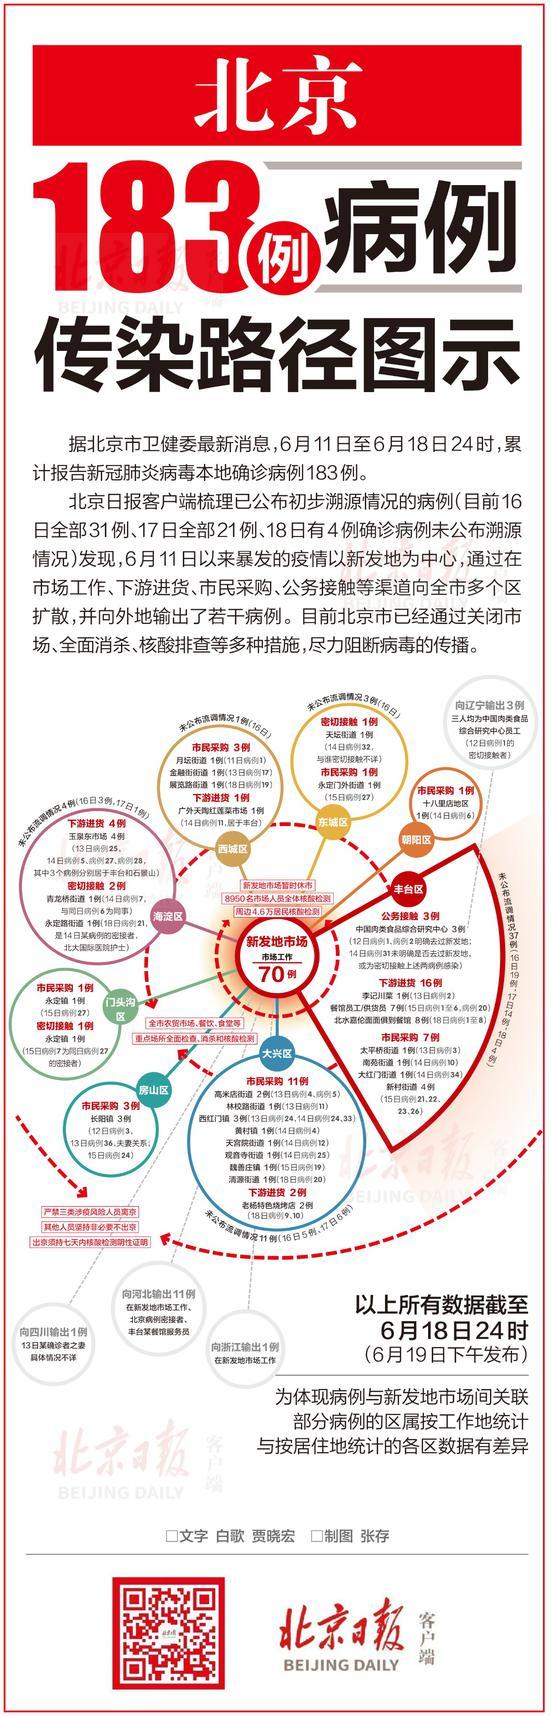 【百事2】京183例病例百事2传染路径图片